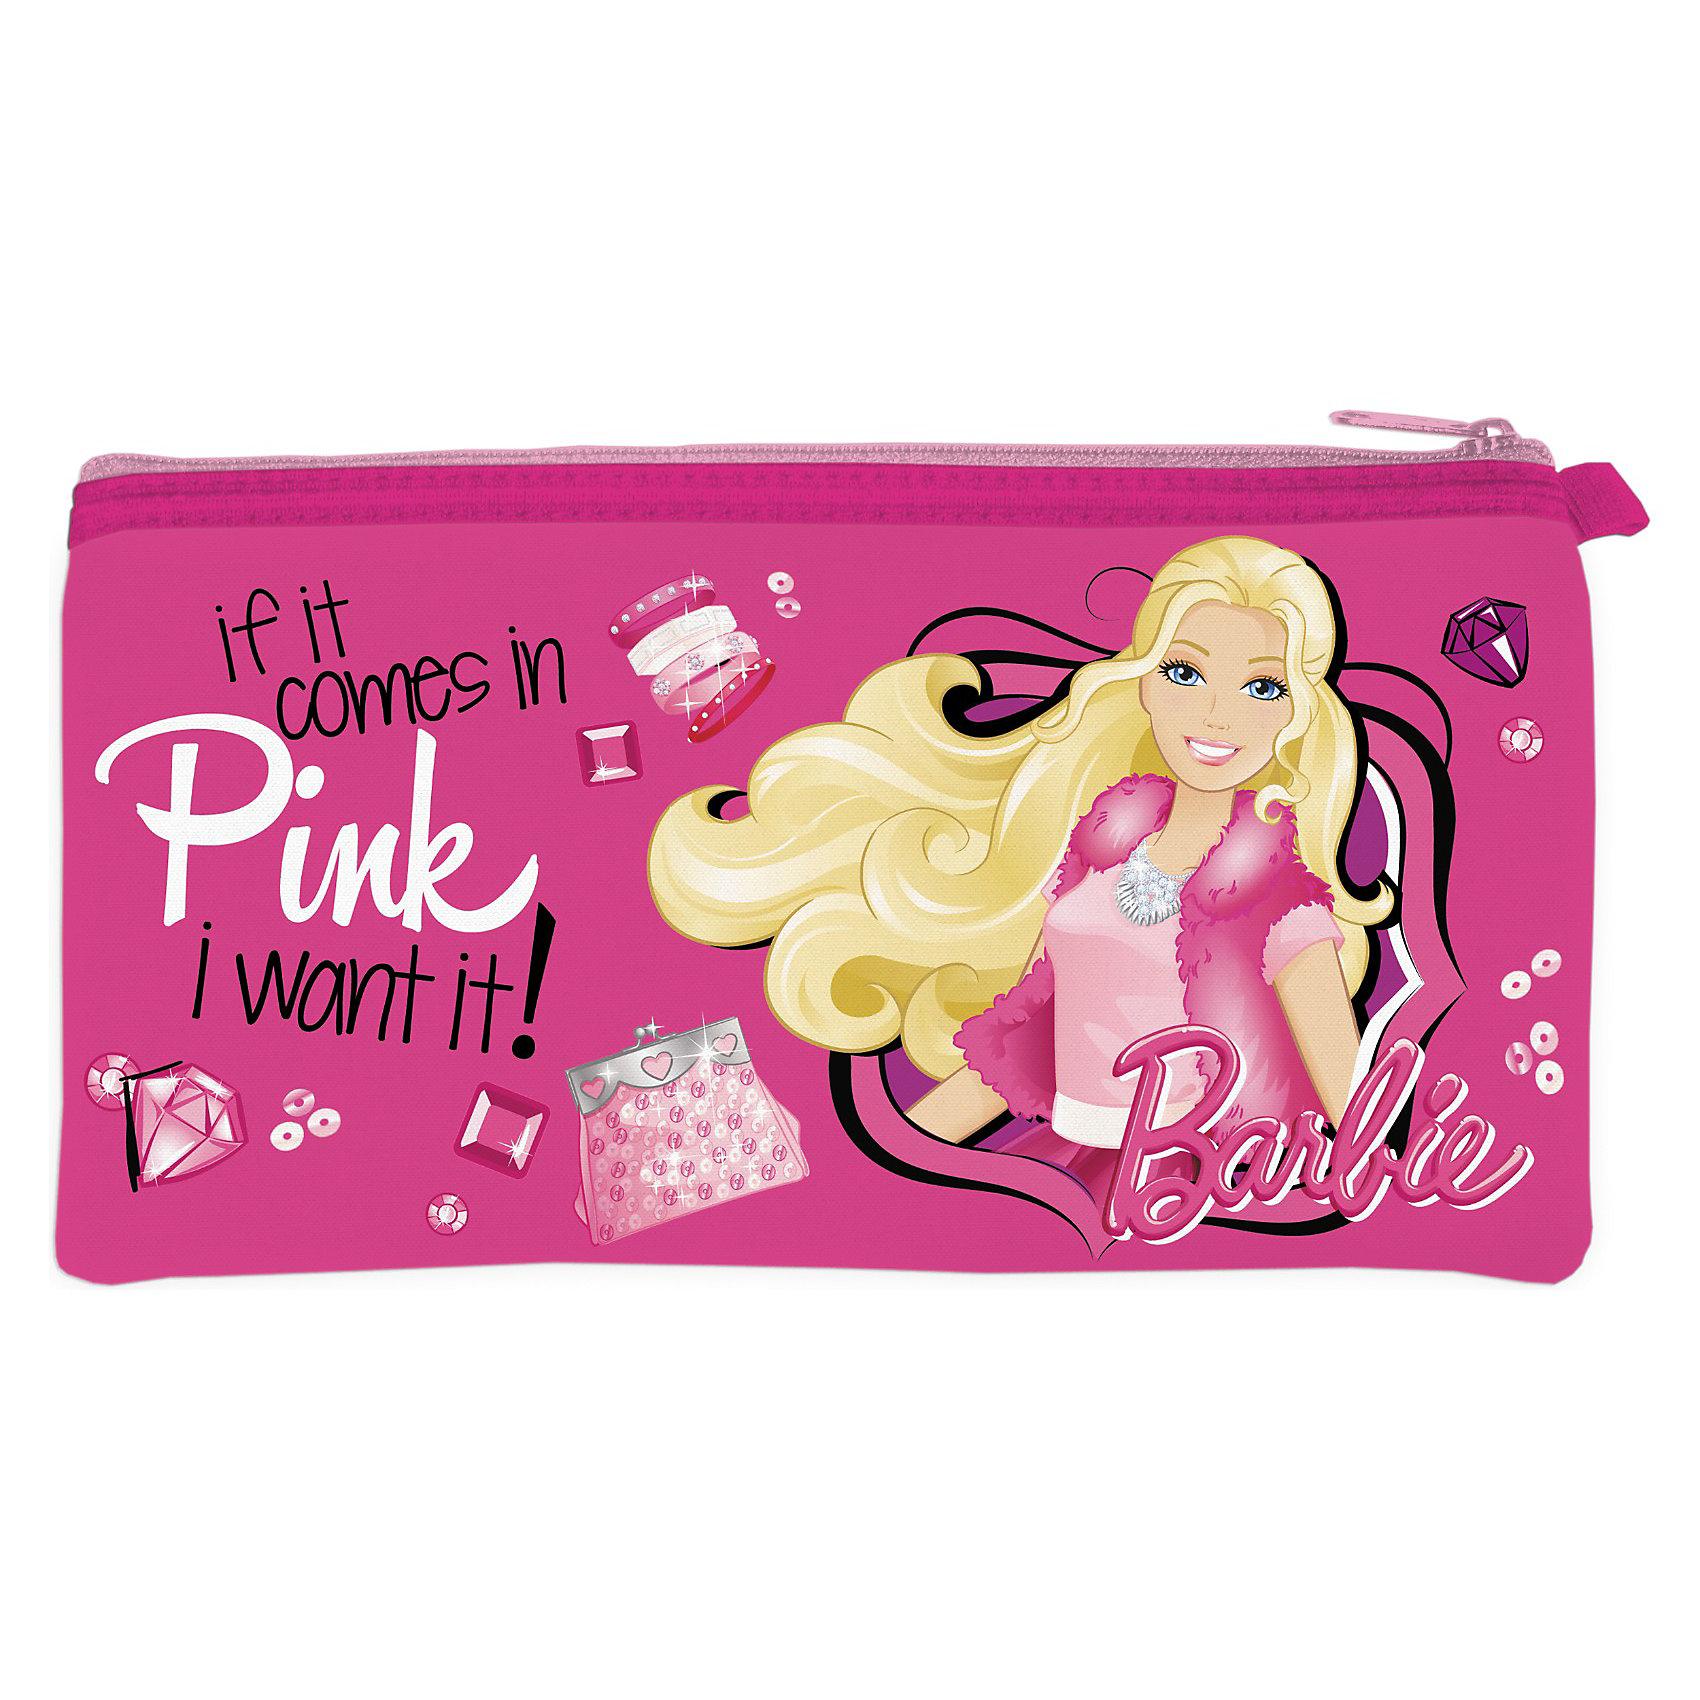 Пенал неопреновый широкий, BarbieКаждой юной моднице помимо школьных принадлежностей хочется взять с собой много необходимых мелочей. Идеальный помощник для этого неопреновый пенал Barbie (Барби). Он очень вместительный и выглядит как настоящая взрослая косметичка. Пенал закрывается на молнию, поэтому ребенок не потеряет ничего нужного, и ручки не рассыпятся в рюкзак. Практичный пенал с изображением любимой девочками куколки Barbie (Барби).<br><br>Дополнительная информация: <br><br>- Пенал мягкий, лёгкий, декорированный любимой девочками куклой  Barbie (Барби);<br>- Материал - неопрен; <br>- Неопрен - мягкий и упругий материал, защищающий содержимое пенала;<br>- Имеется одно отделение на молнии;<br>- Размер: 20,5 х 11 см;<br>- Вес: 70 г.<br><br>Пенал неопреновый широкий Barbie (Барби) можно купить в нашем интернет-магазине.<br><br>Ширина мм: 250<br>Глубина мм: 200<br>Высота мм: 30<br>Вес г: 300<br>Возраст от месяцев: 48<br>Возраст до месяцев: 84<br>Пол: Женский<br>Возраст: Детский<br>SKU: 3563304